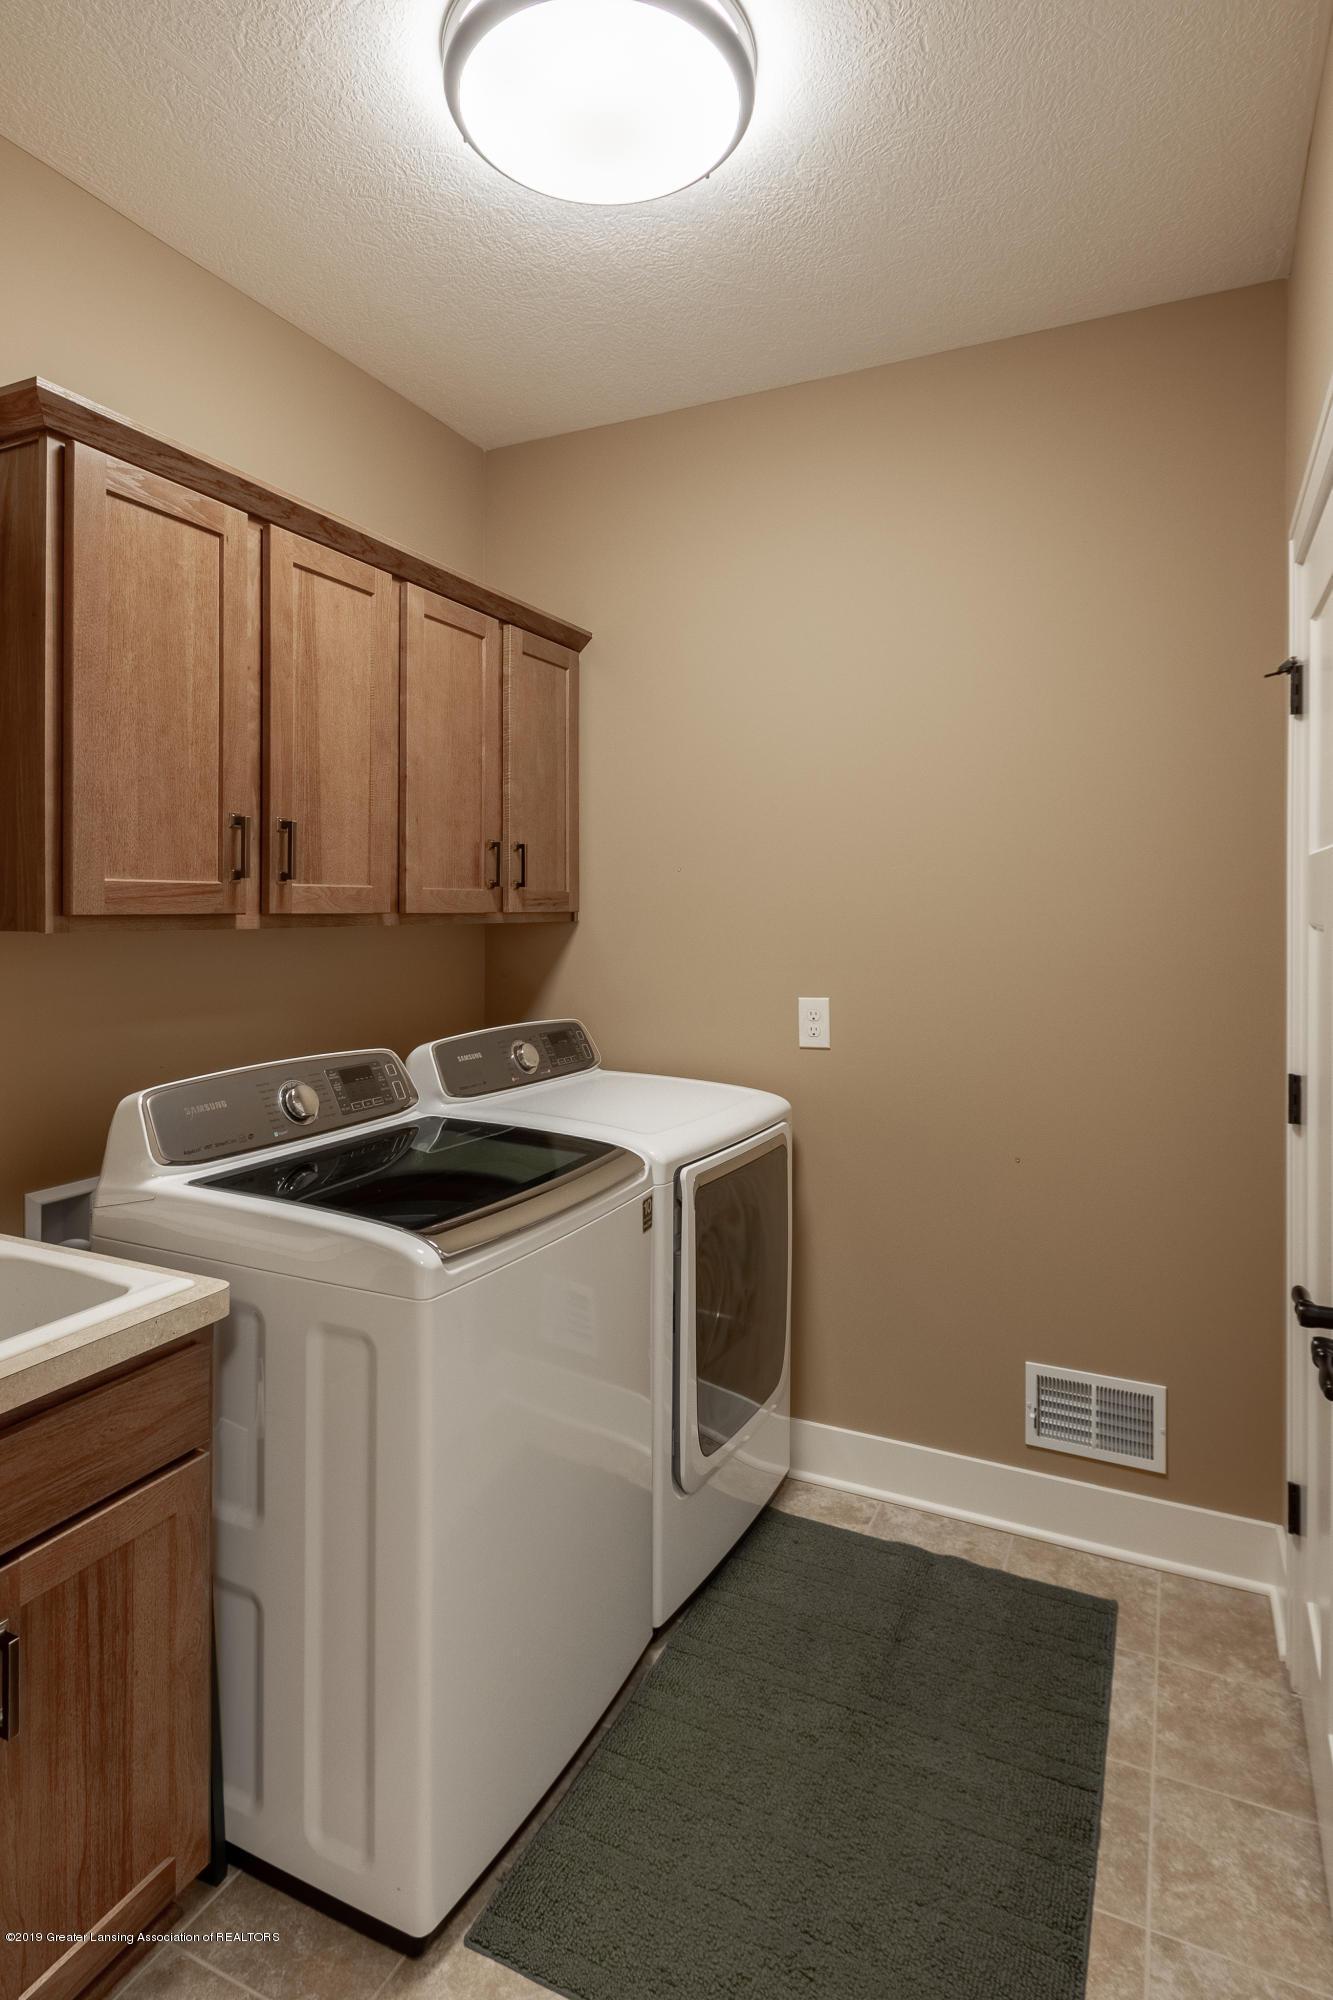 4134 E Benca Way - First Floor Laundry Room - 43